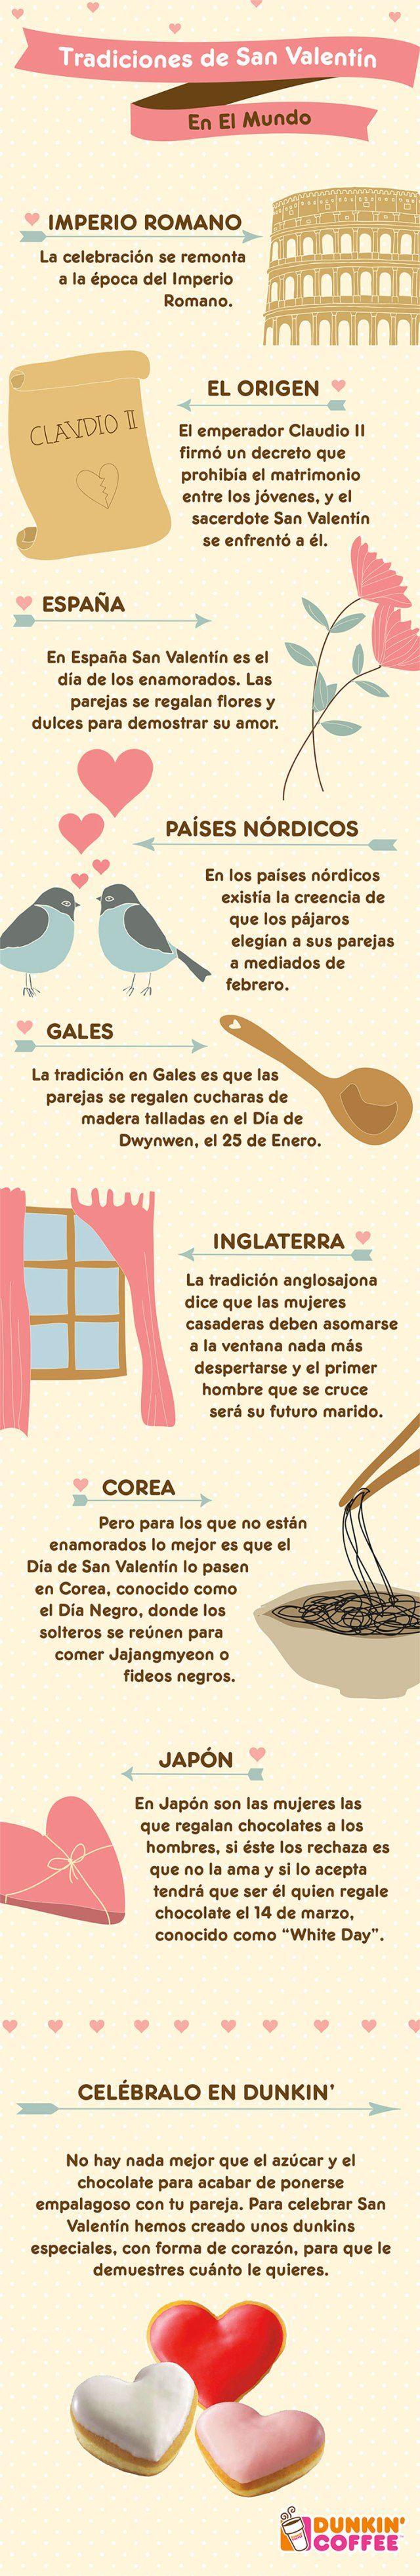 Tradiciones de San Valentín en el Mundo #infografia